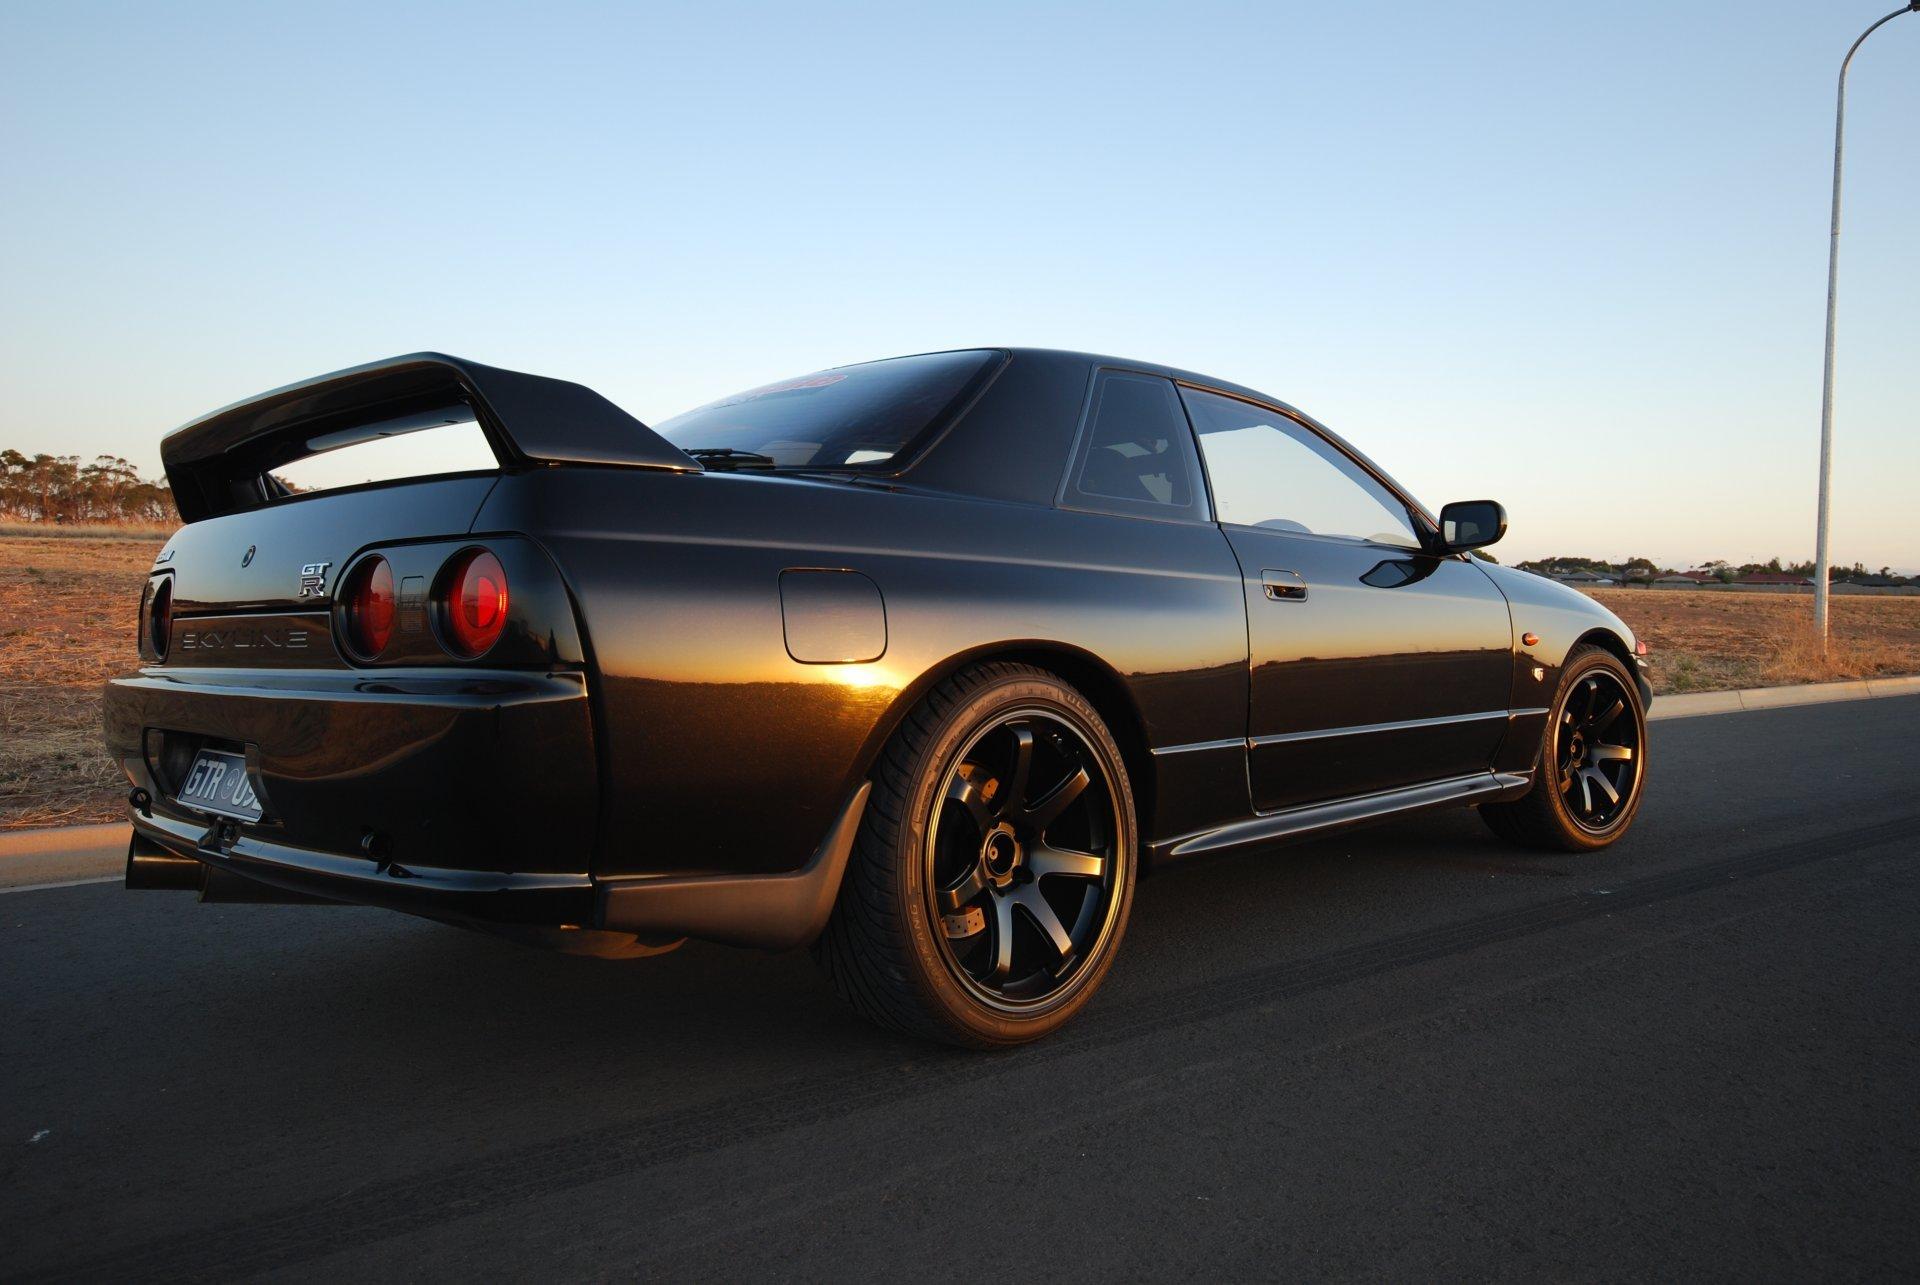 Nissan Skyline Gt R R32 Coupe Black Japan Wallpapers Skyline Gtr Wallpaper R32 786209 Hd Wallpaper Backgrounds Download